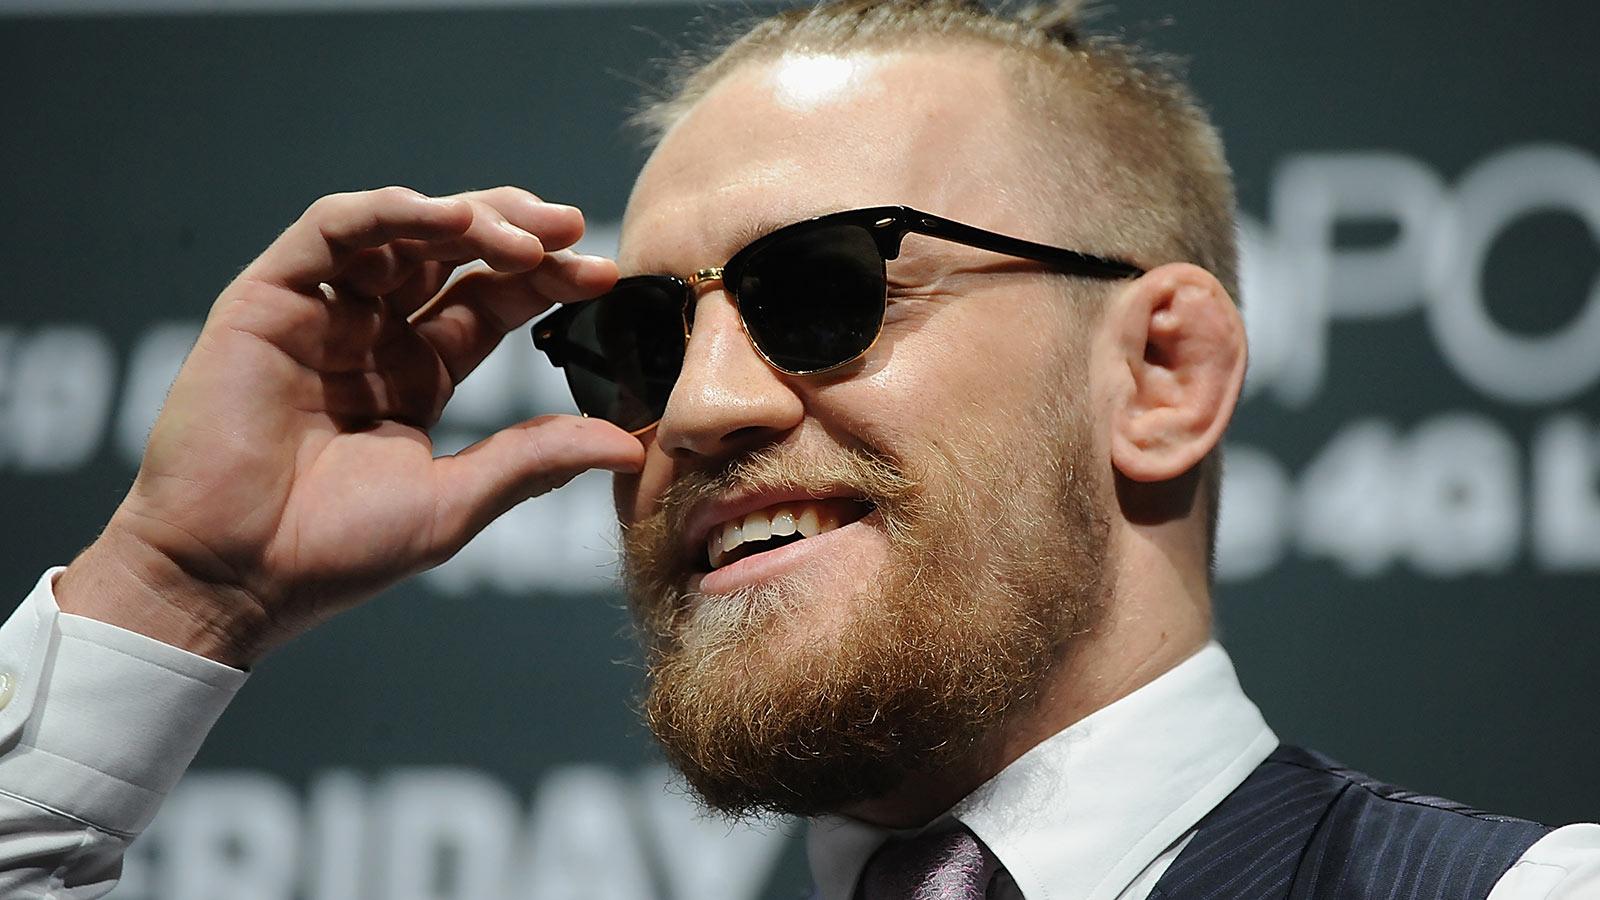 Возвращение Мэйуэзера станет крупнейшим событием в истории бокса — Шафер